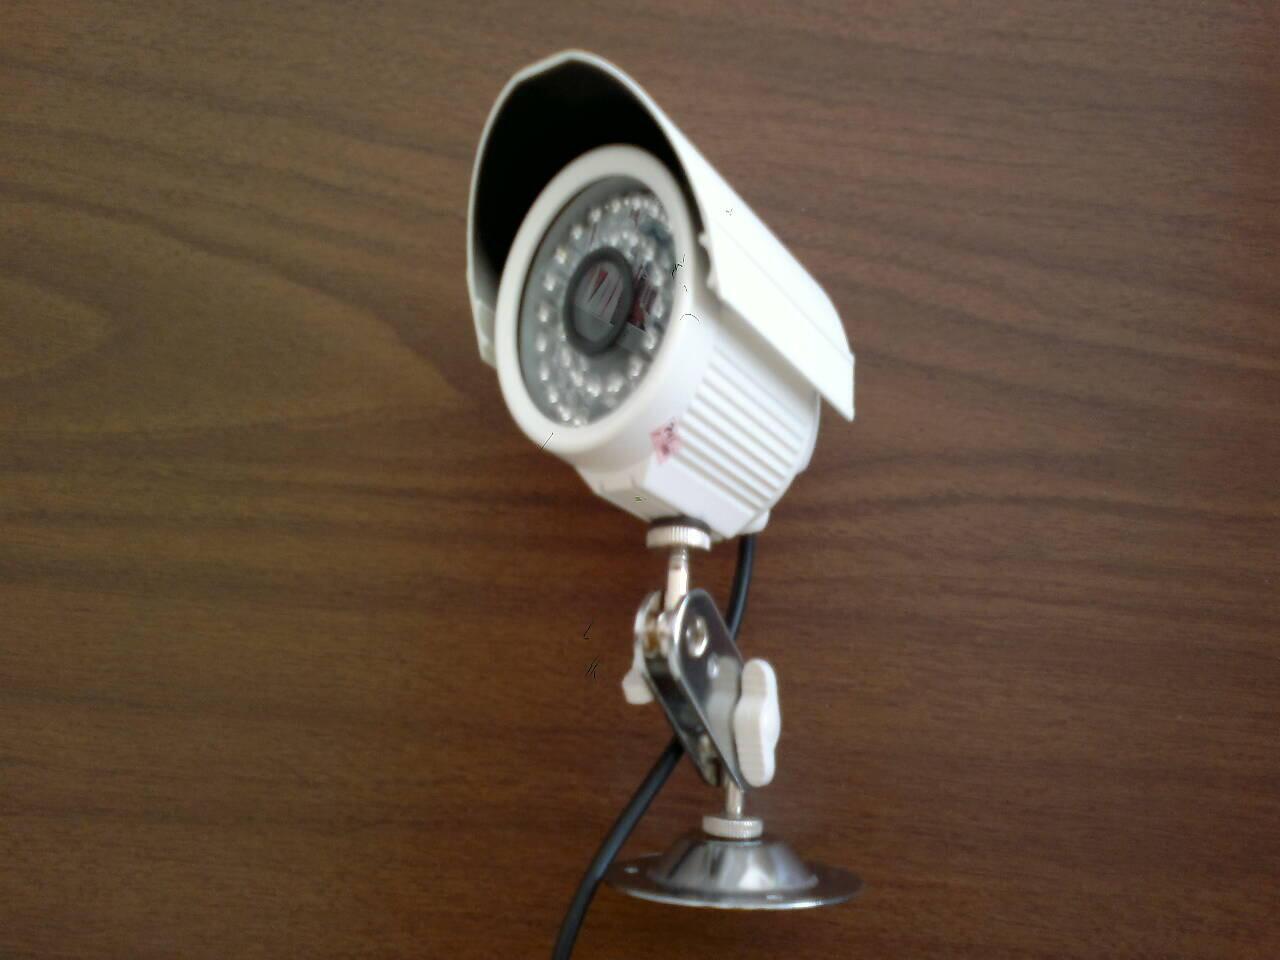 Terjual Kami DIstributor/Supplier Kamera CCTV Termurah Di